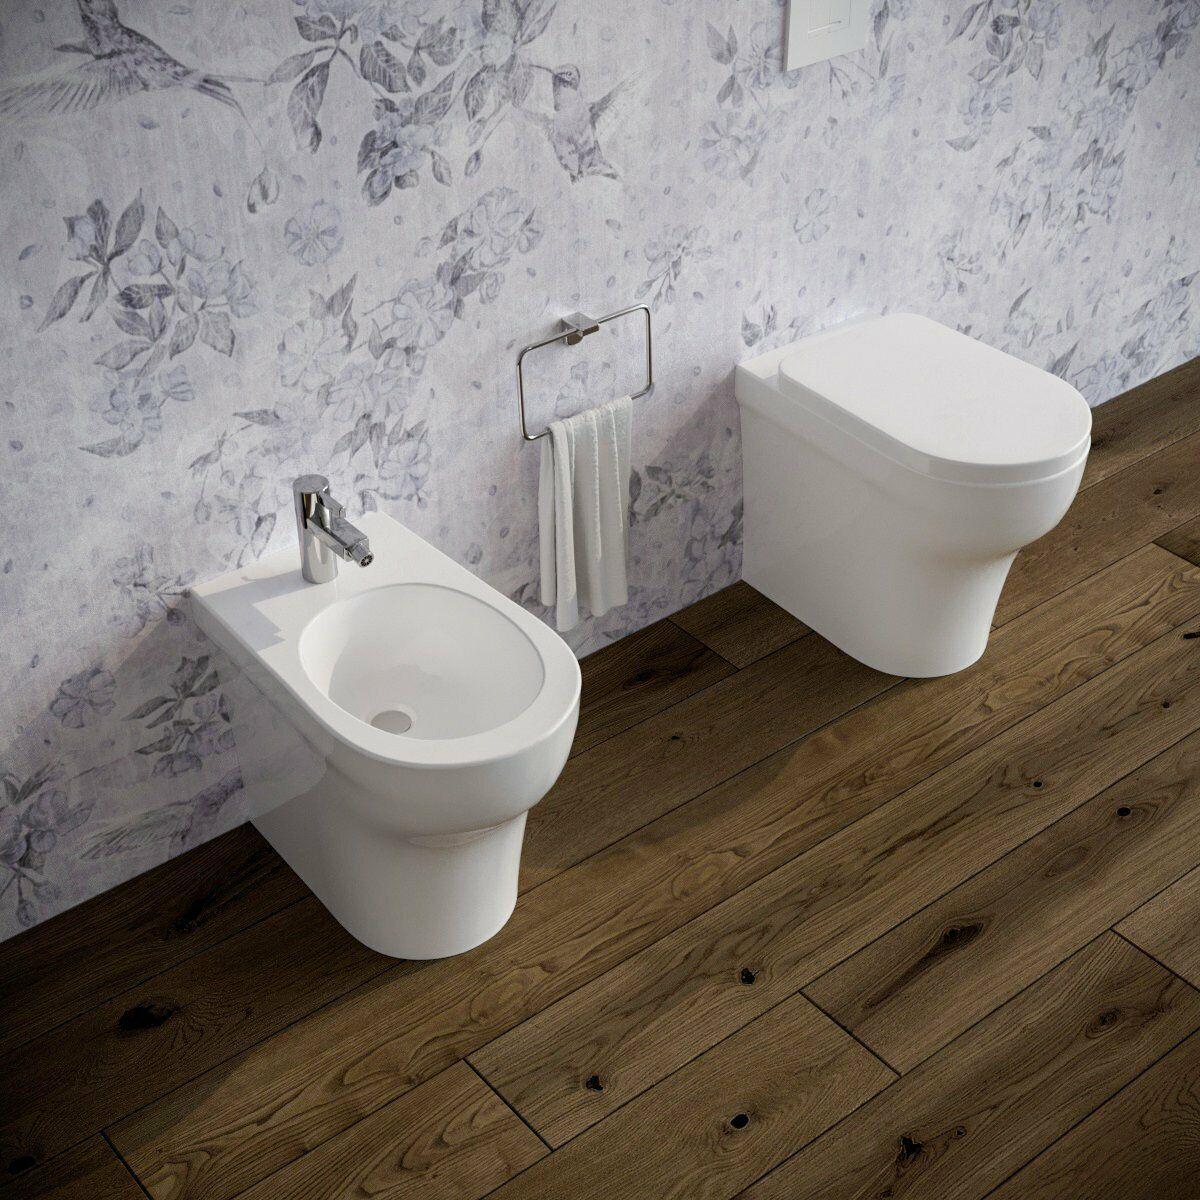 Sanitari bagno a terra filomuro VASO wc, BIDET e COPRIVASO. AZZURRA Pratica